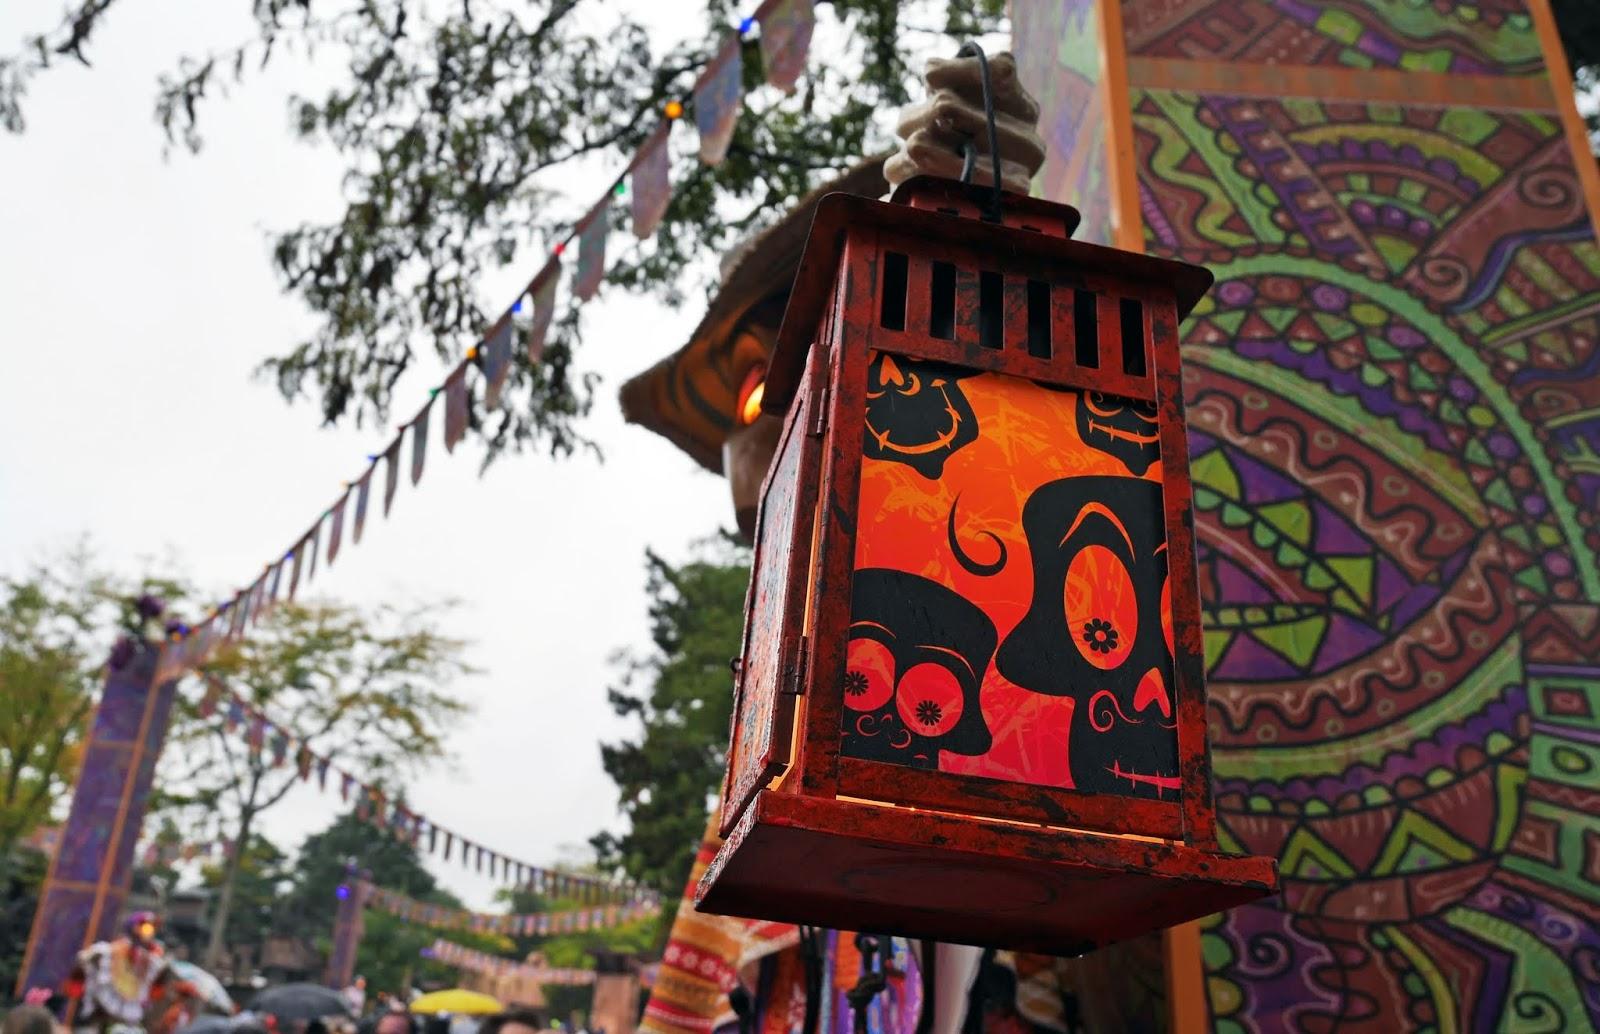 Day of the Dead lantern in Frontierland, Disneyland Paris